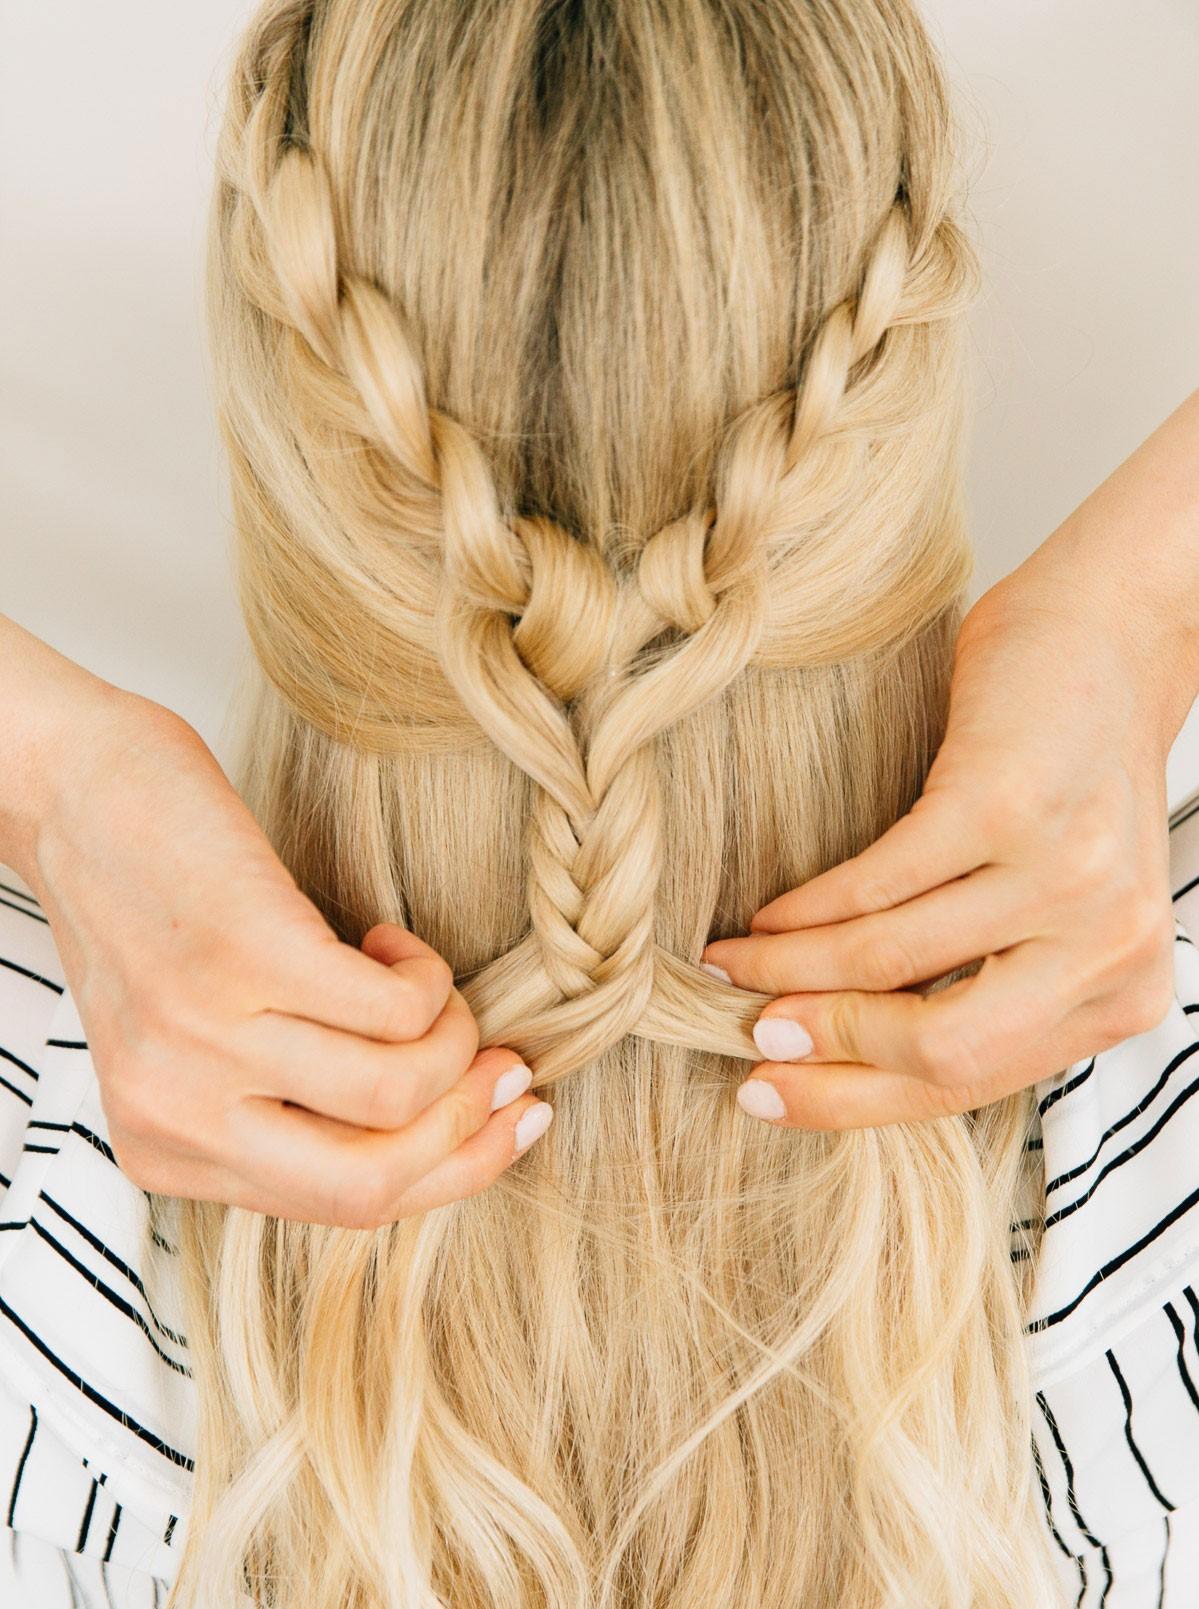 Coiffures tendance en 2020: couronne tressée pour les cheveux longs.